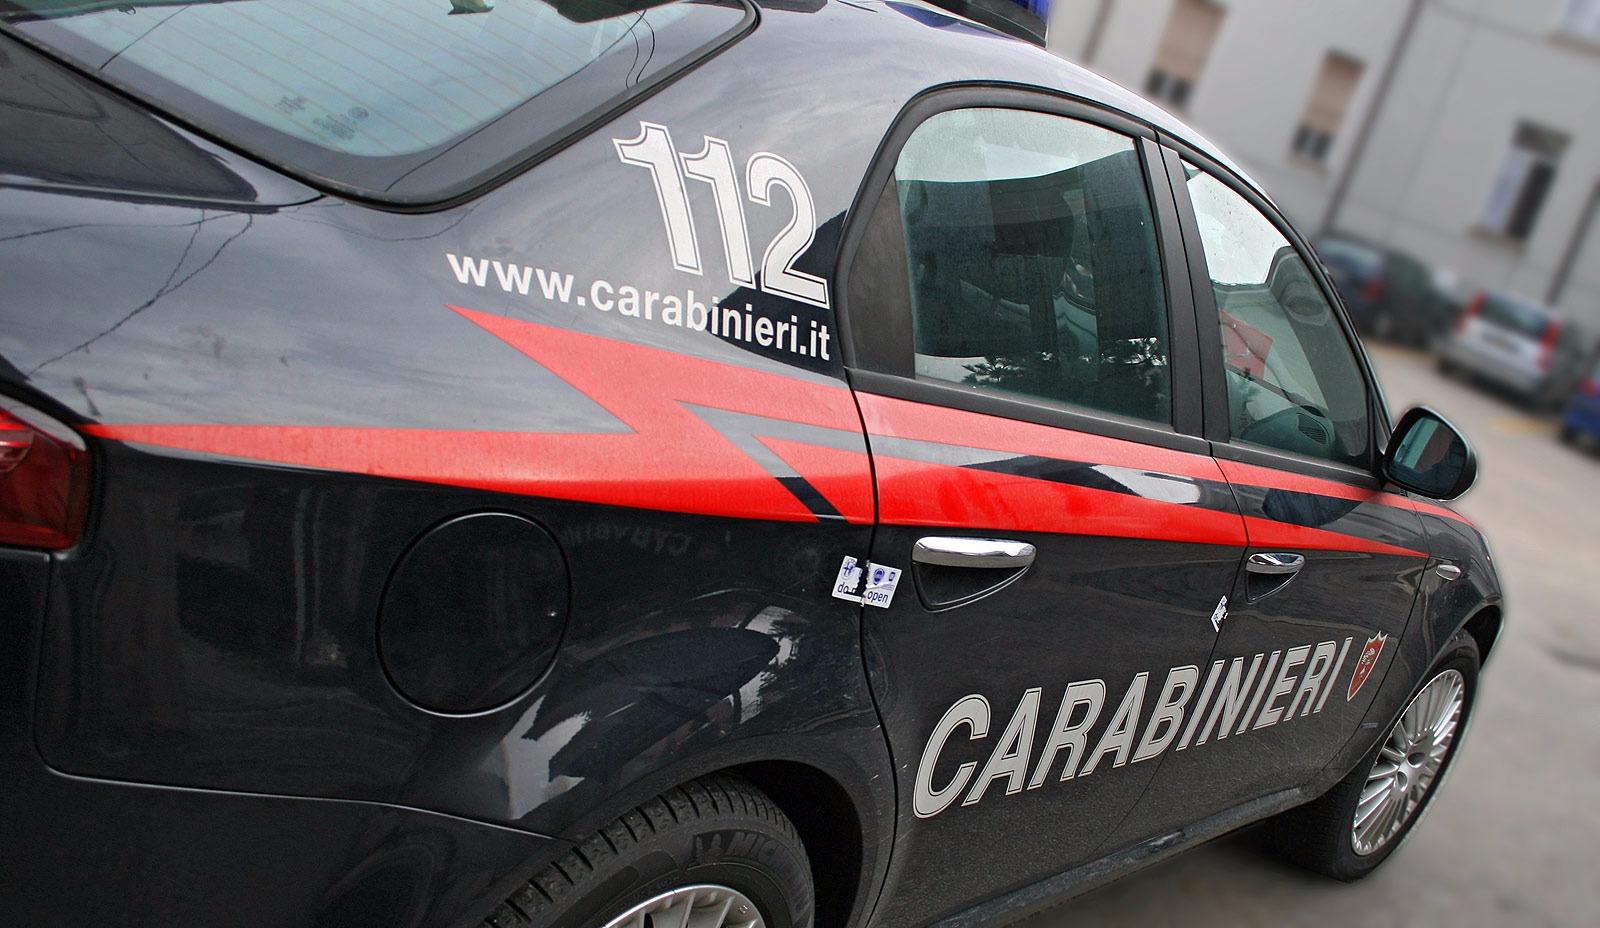 Viterbo, cerca di rubare l'incasso in una pizzeria, ma i carabinieri lo fermano e lo arrestano